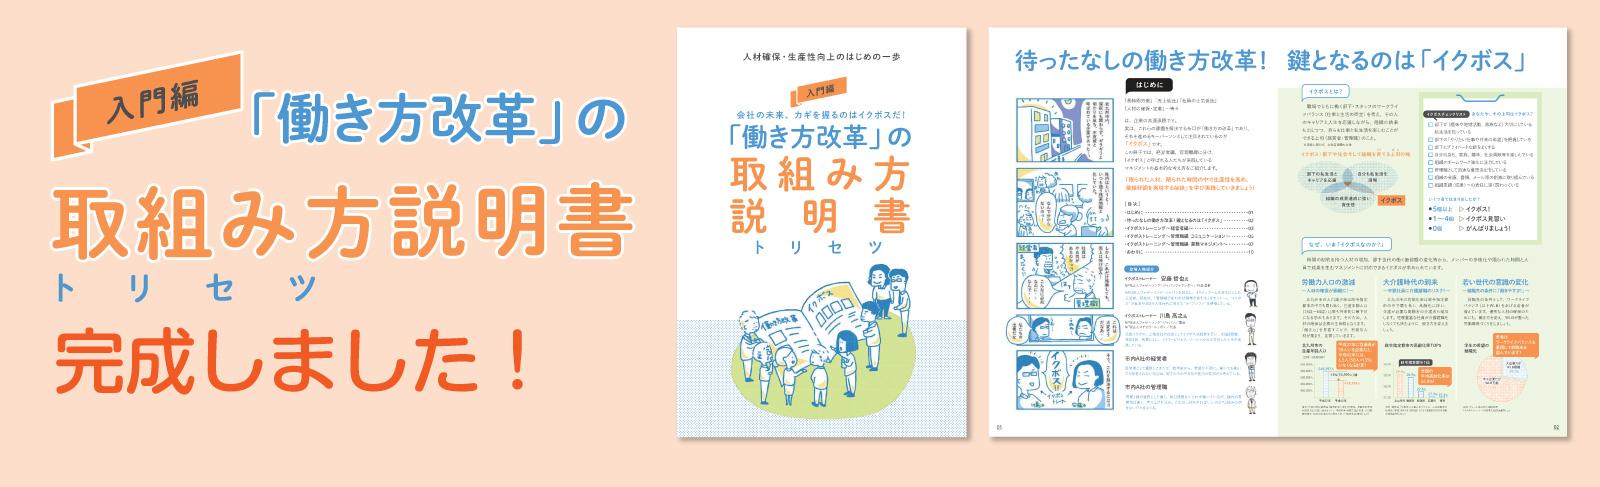 北九州市にて「働き方改革」の取組み方説明書(トリセツ)が公開されました!